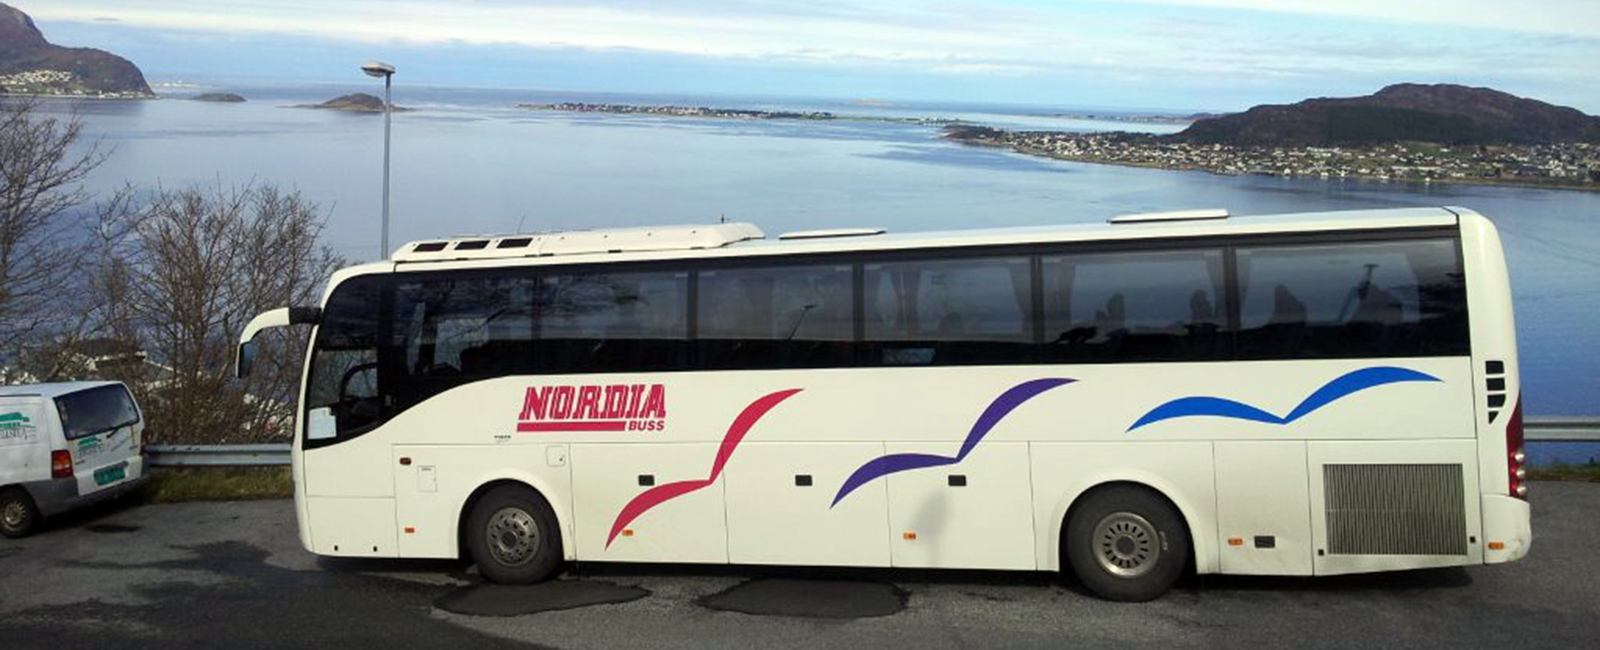 Kontakta oss för att hyra buss!